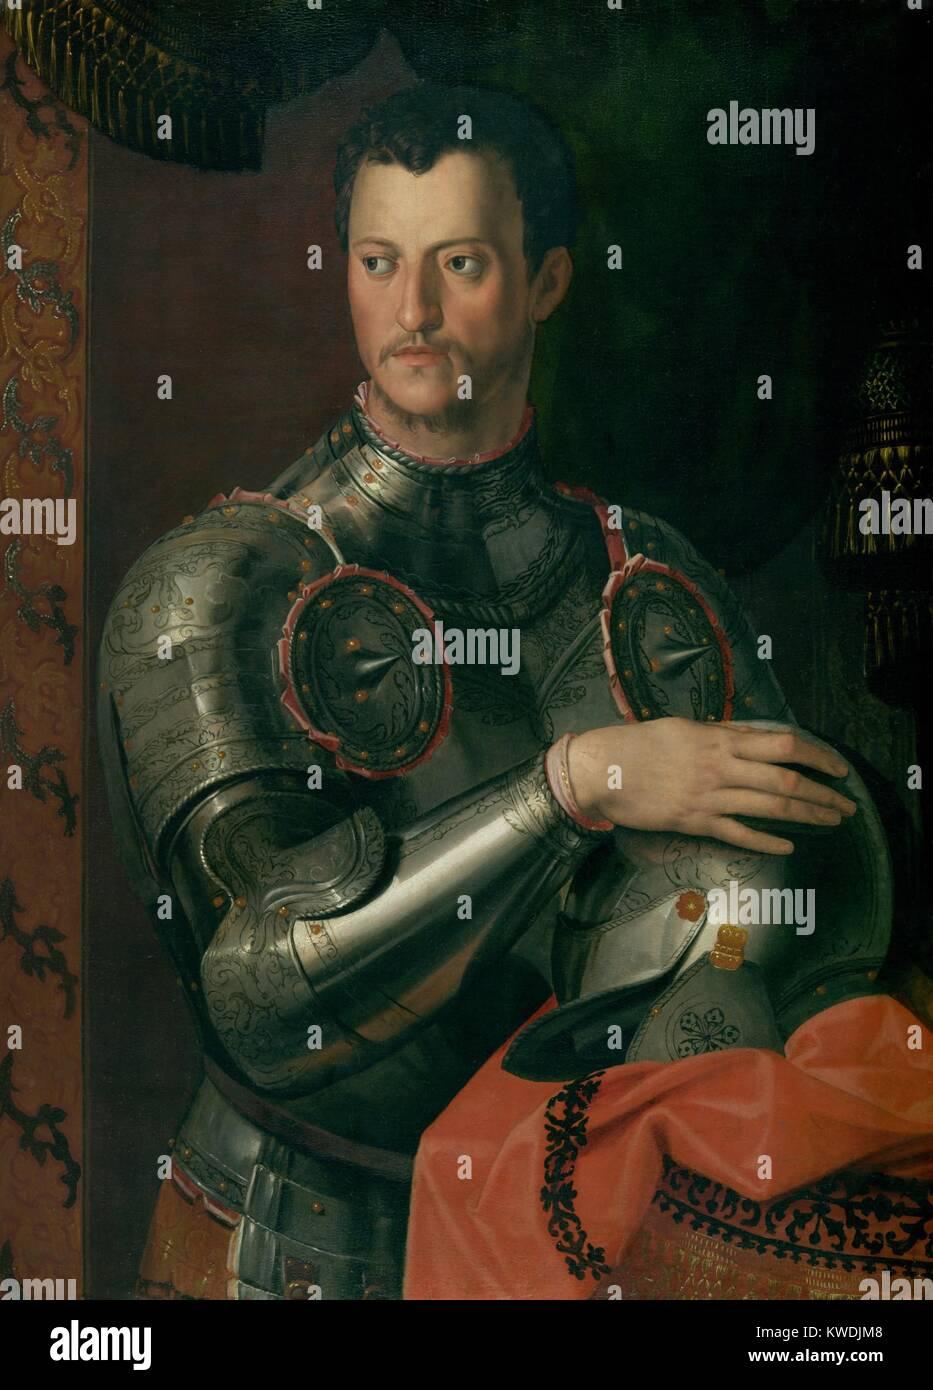 COSINO I de Médicis, Taller de Bronzino, 1550-74, la pintura del Renacimiento Italiano, oleo sobre madera. Cosimo ascendió al poder, cuando el Duque de Florencia, Alessandro de Medici, fue asesinado en 1537. Italia Central fue interrumpido por la guerra regional e internacional durante la mayor parte de sus 34 años de imperio (BSLOC_2017_16_85) Foto de stock